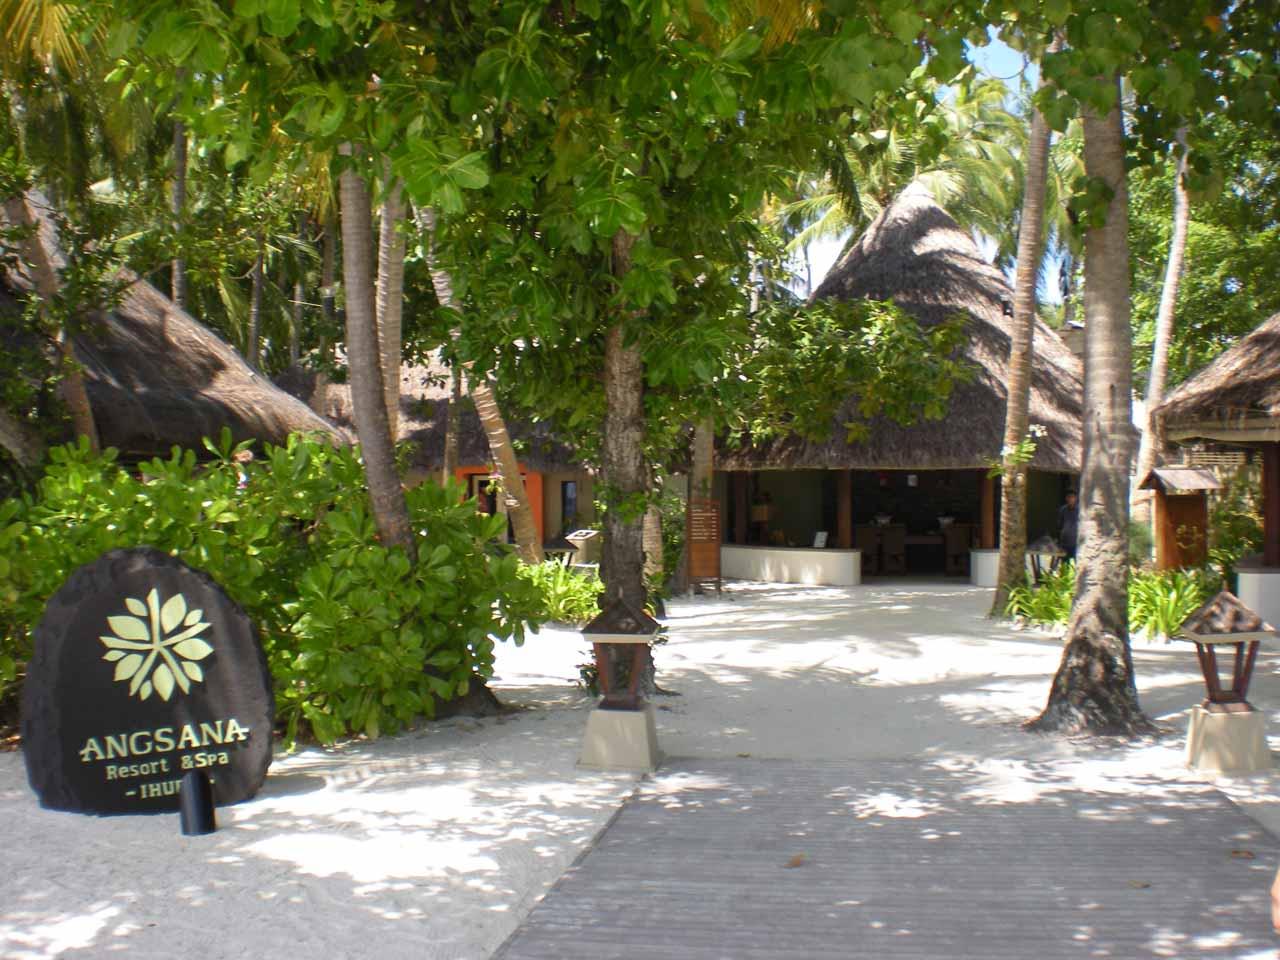 The Angsana Resort main area